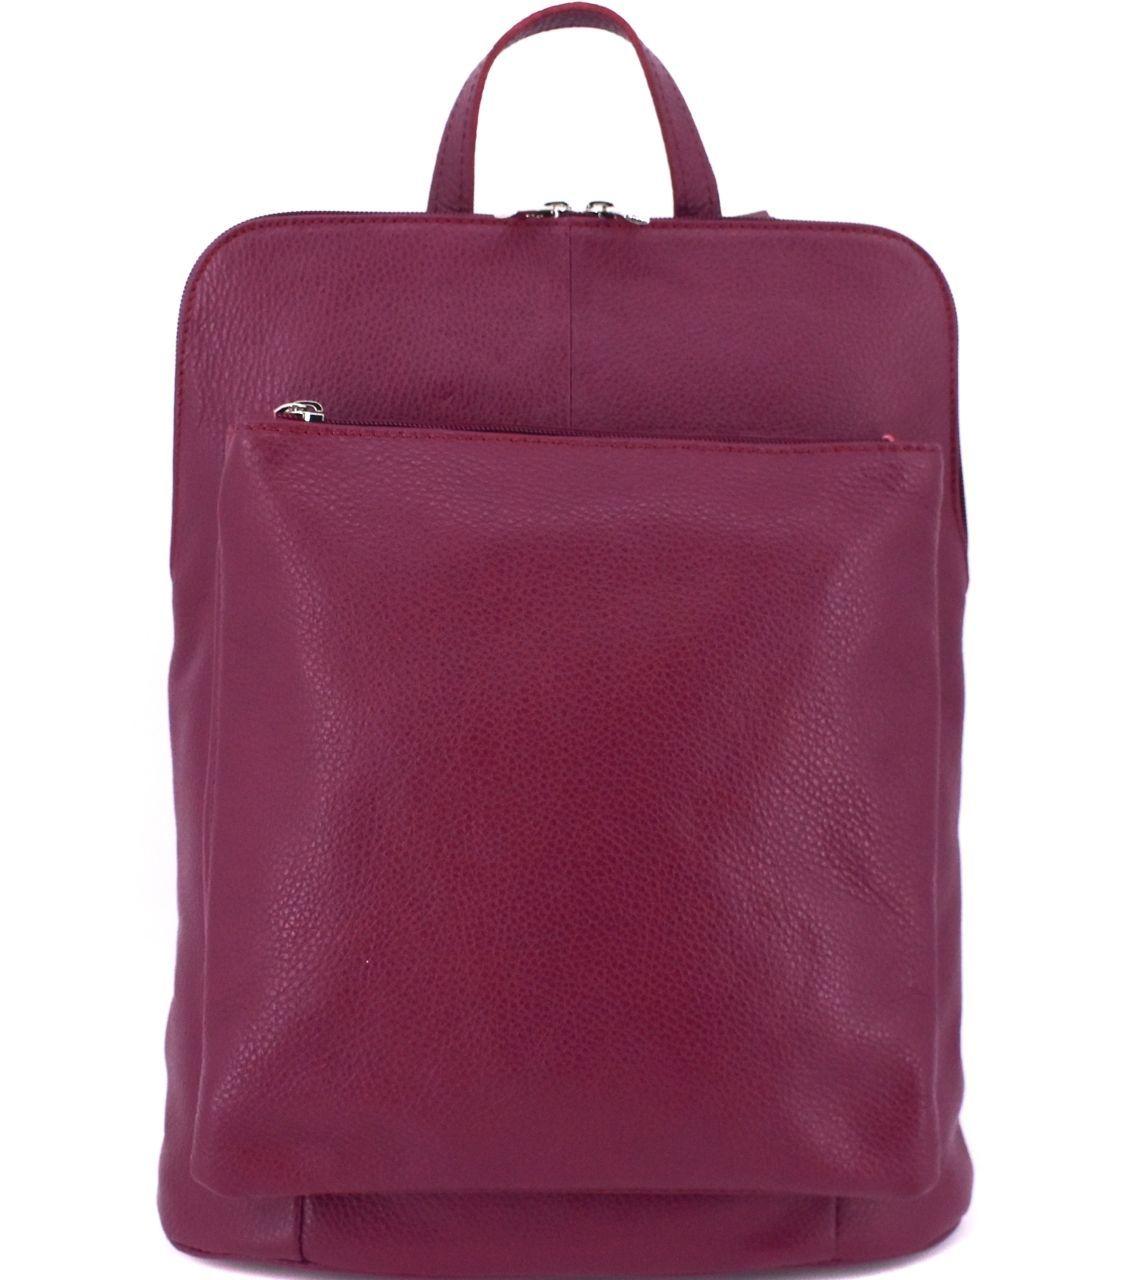 Dámský kožený batoh a kabelka v jednom / Arteddy - vínová 36933